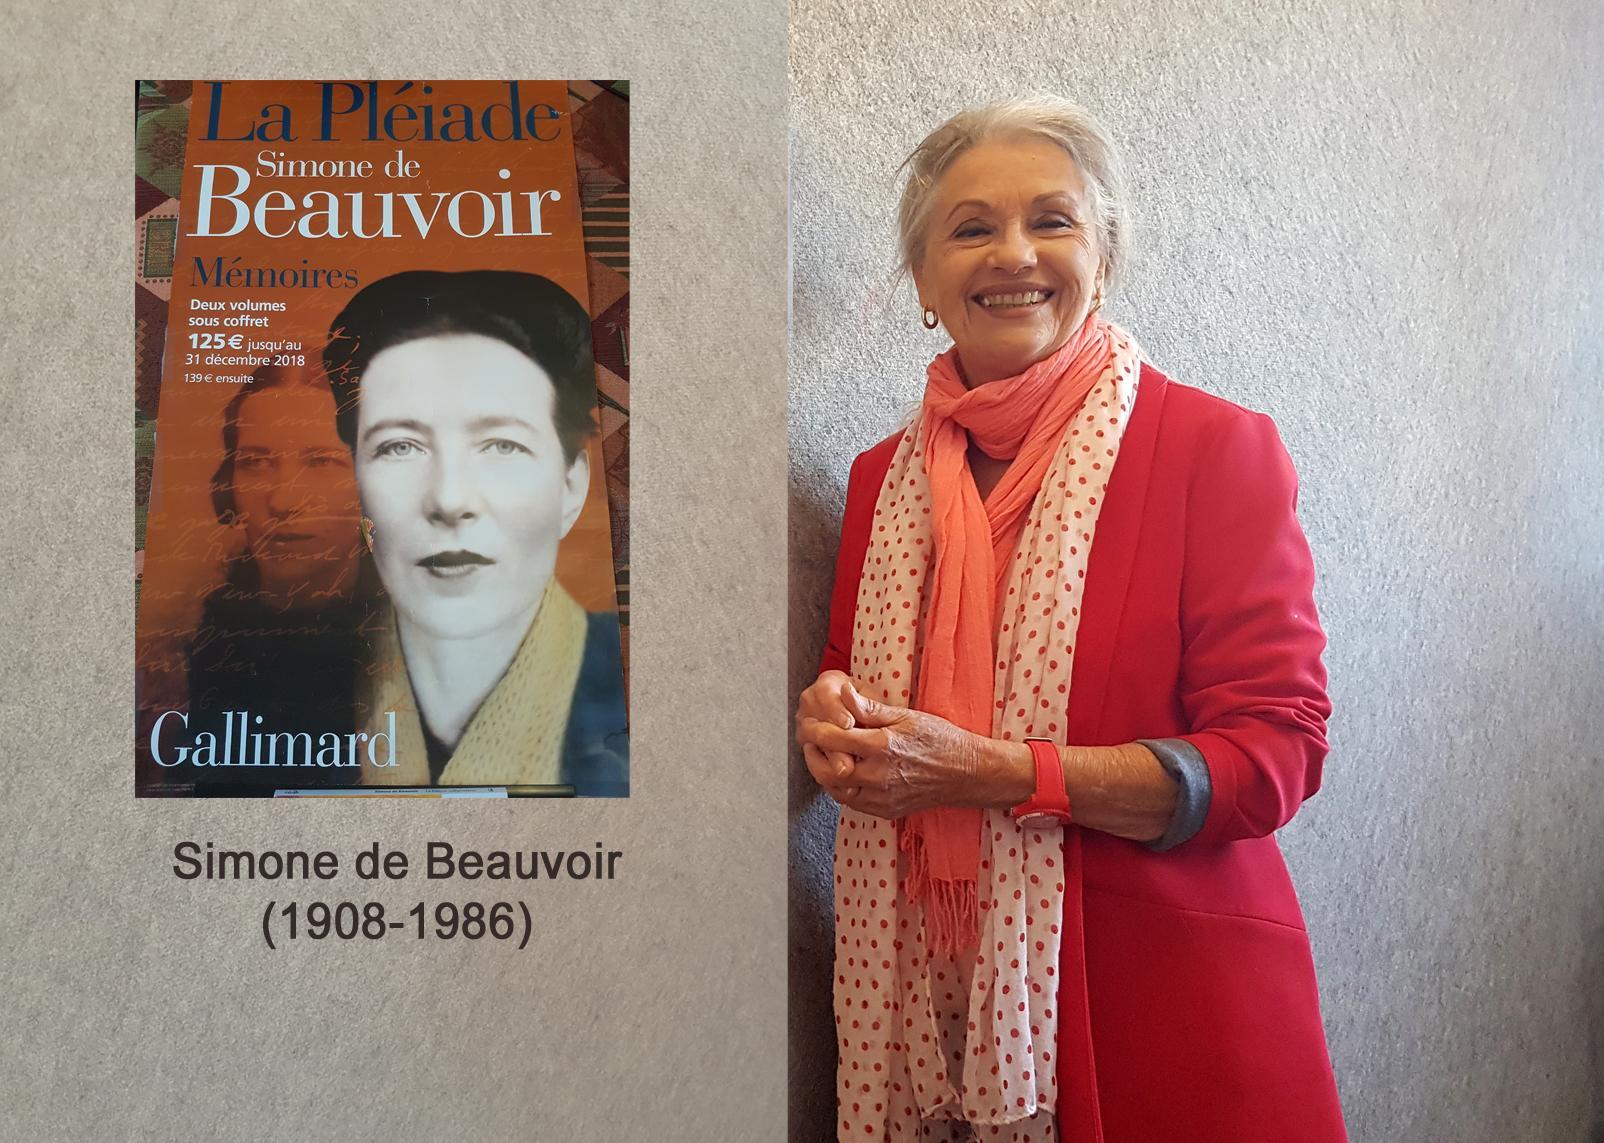 Simone de Beauvoir et Jacqueline Hennegrave